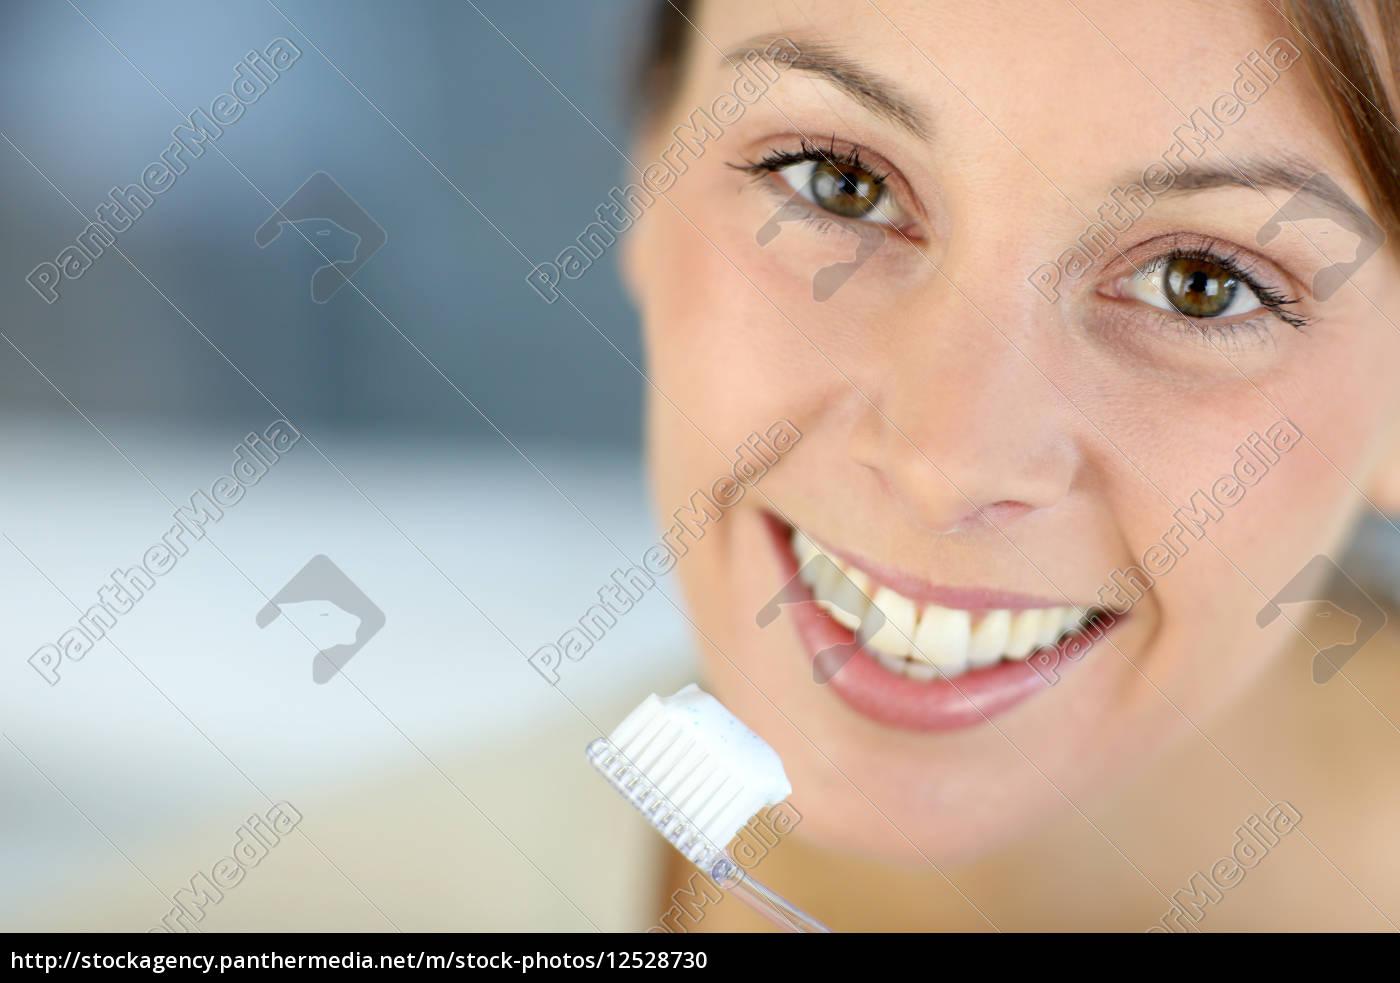 close-up, sobre, o, sorriso, dentuço, da - 12528730